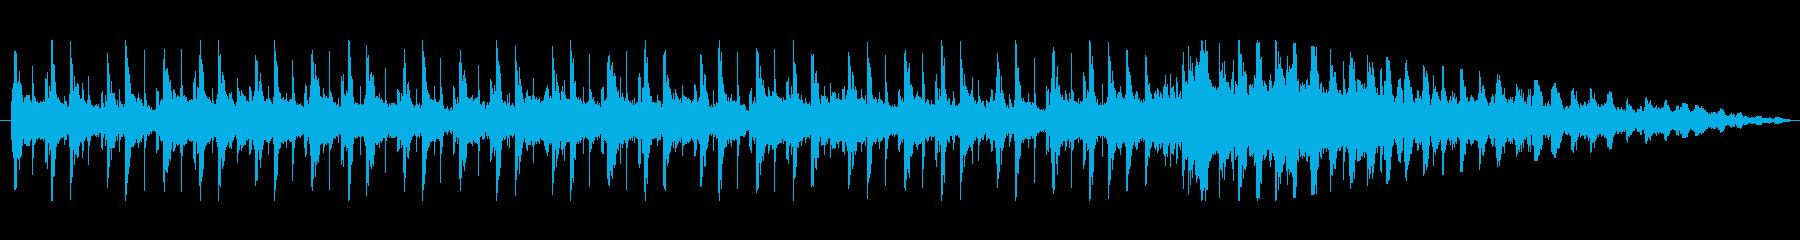 ピアノと切ない曲調が印象的なジングルの再生済みの波形